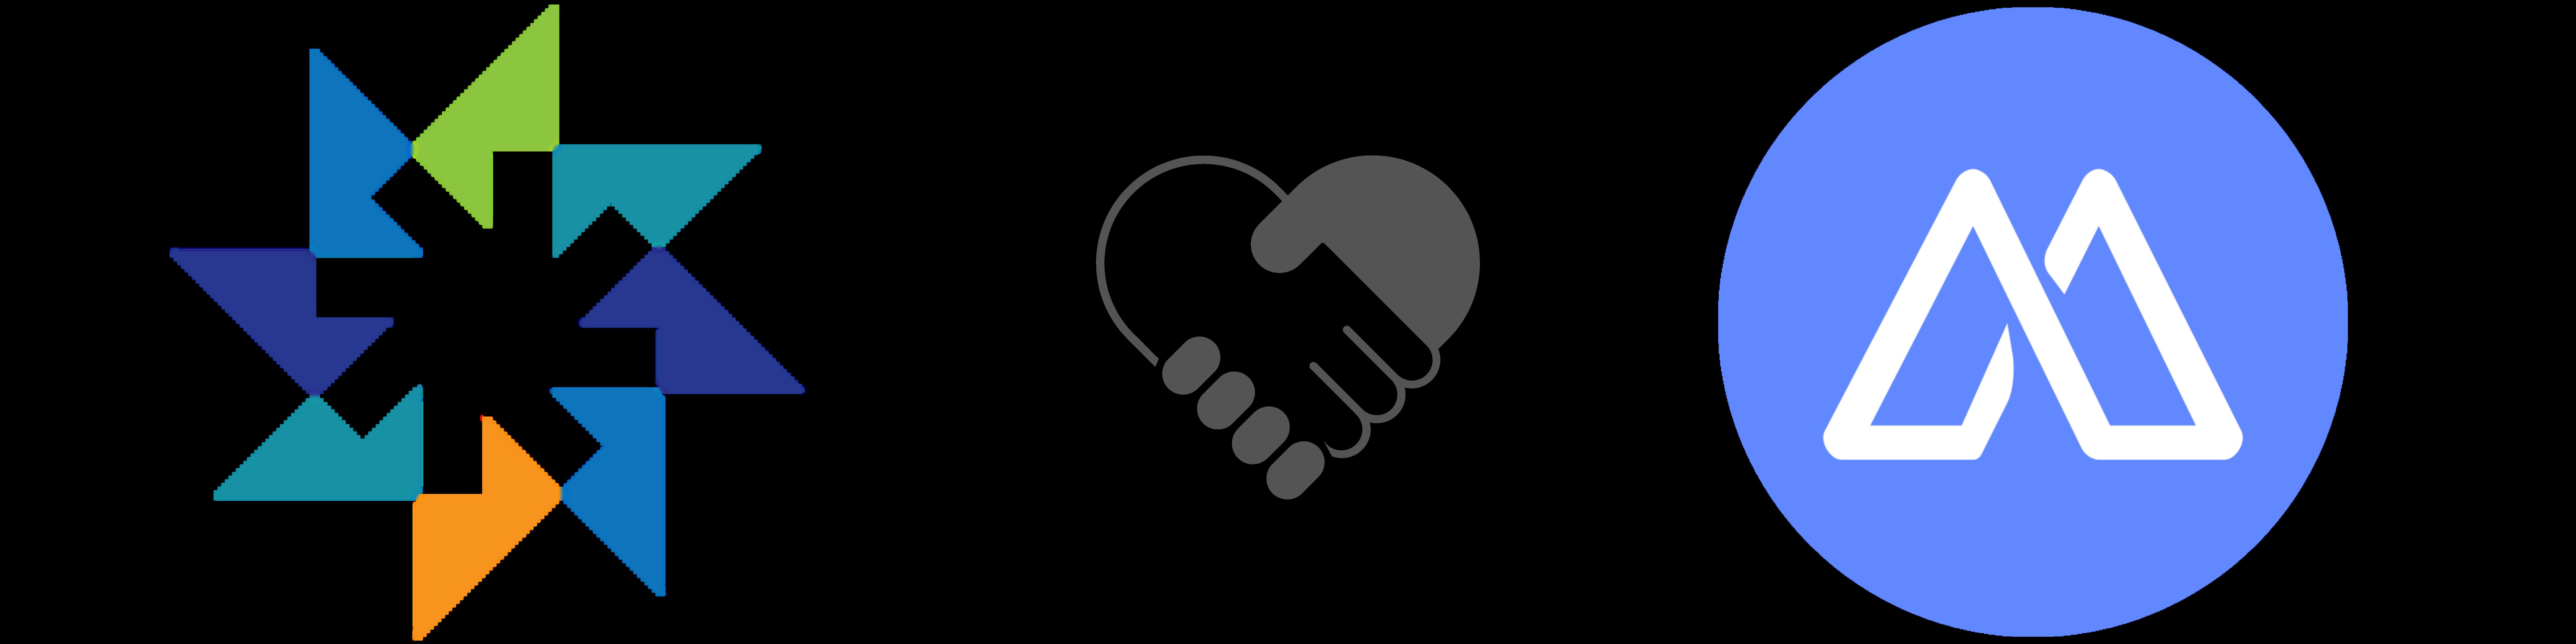 sacramento big day of giving: logos and handshake